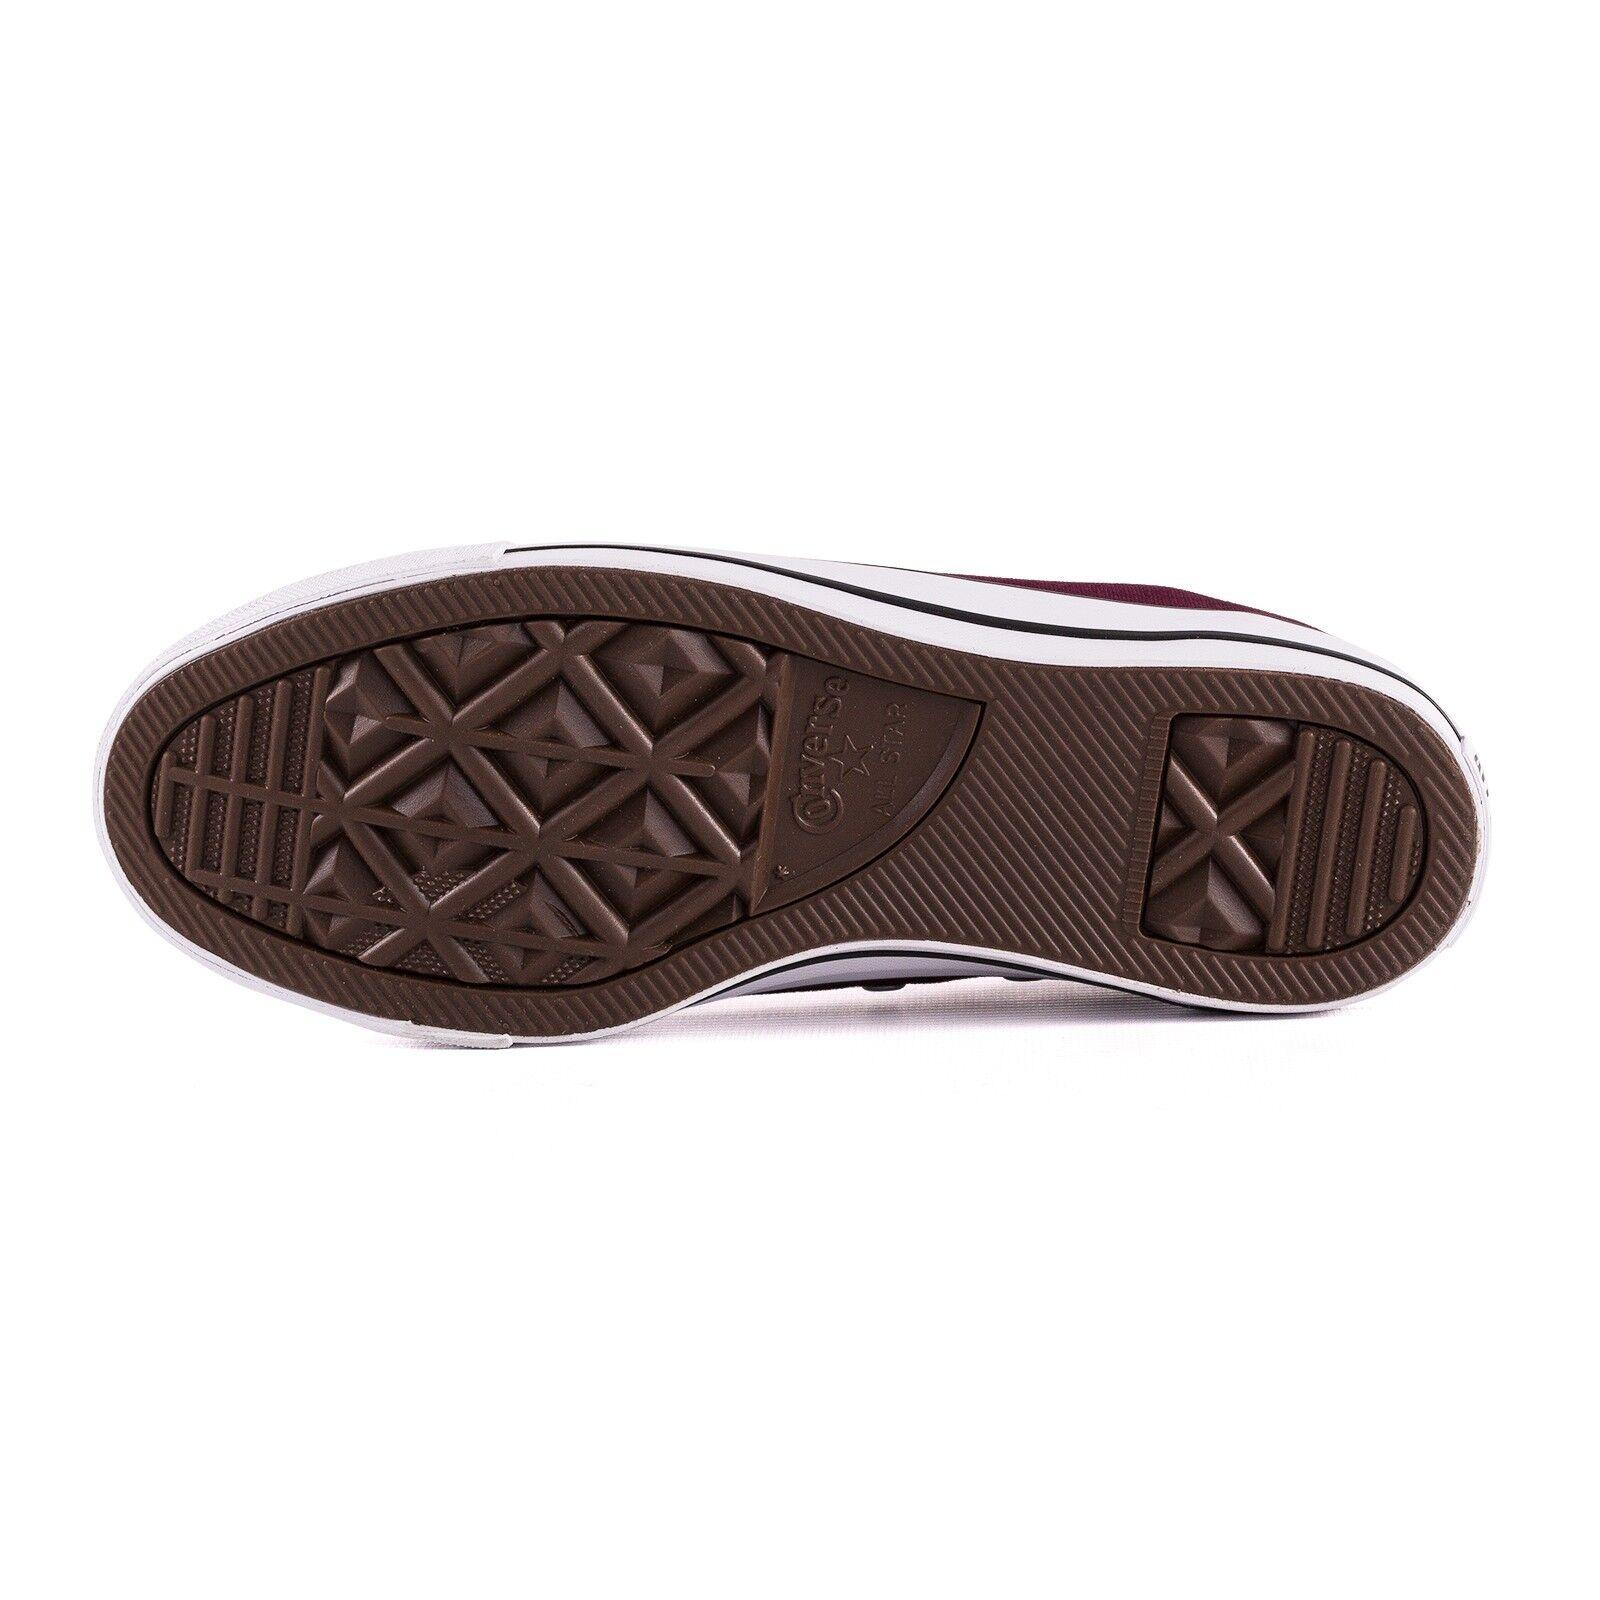 Converse Chuck Taylor All Star scarpe scarpe scarpe da ginnastica Scarpe da donna rosso 51326 ebe994